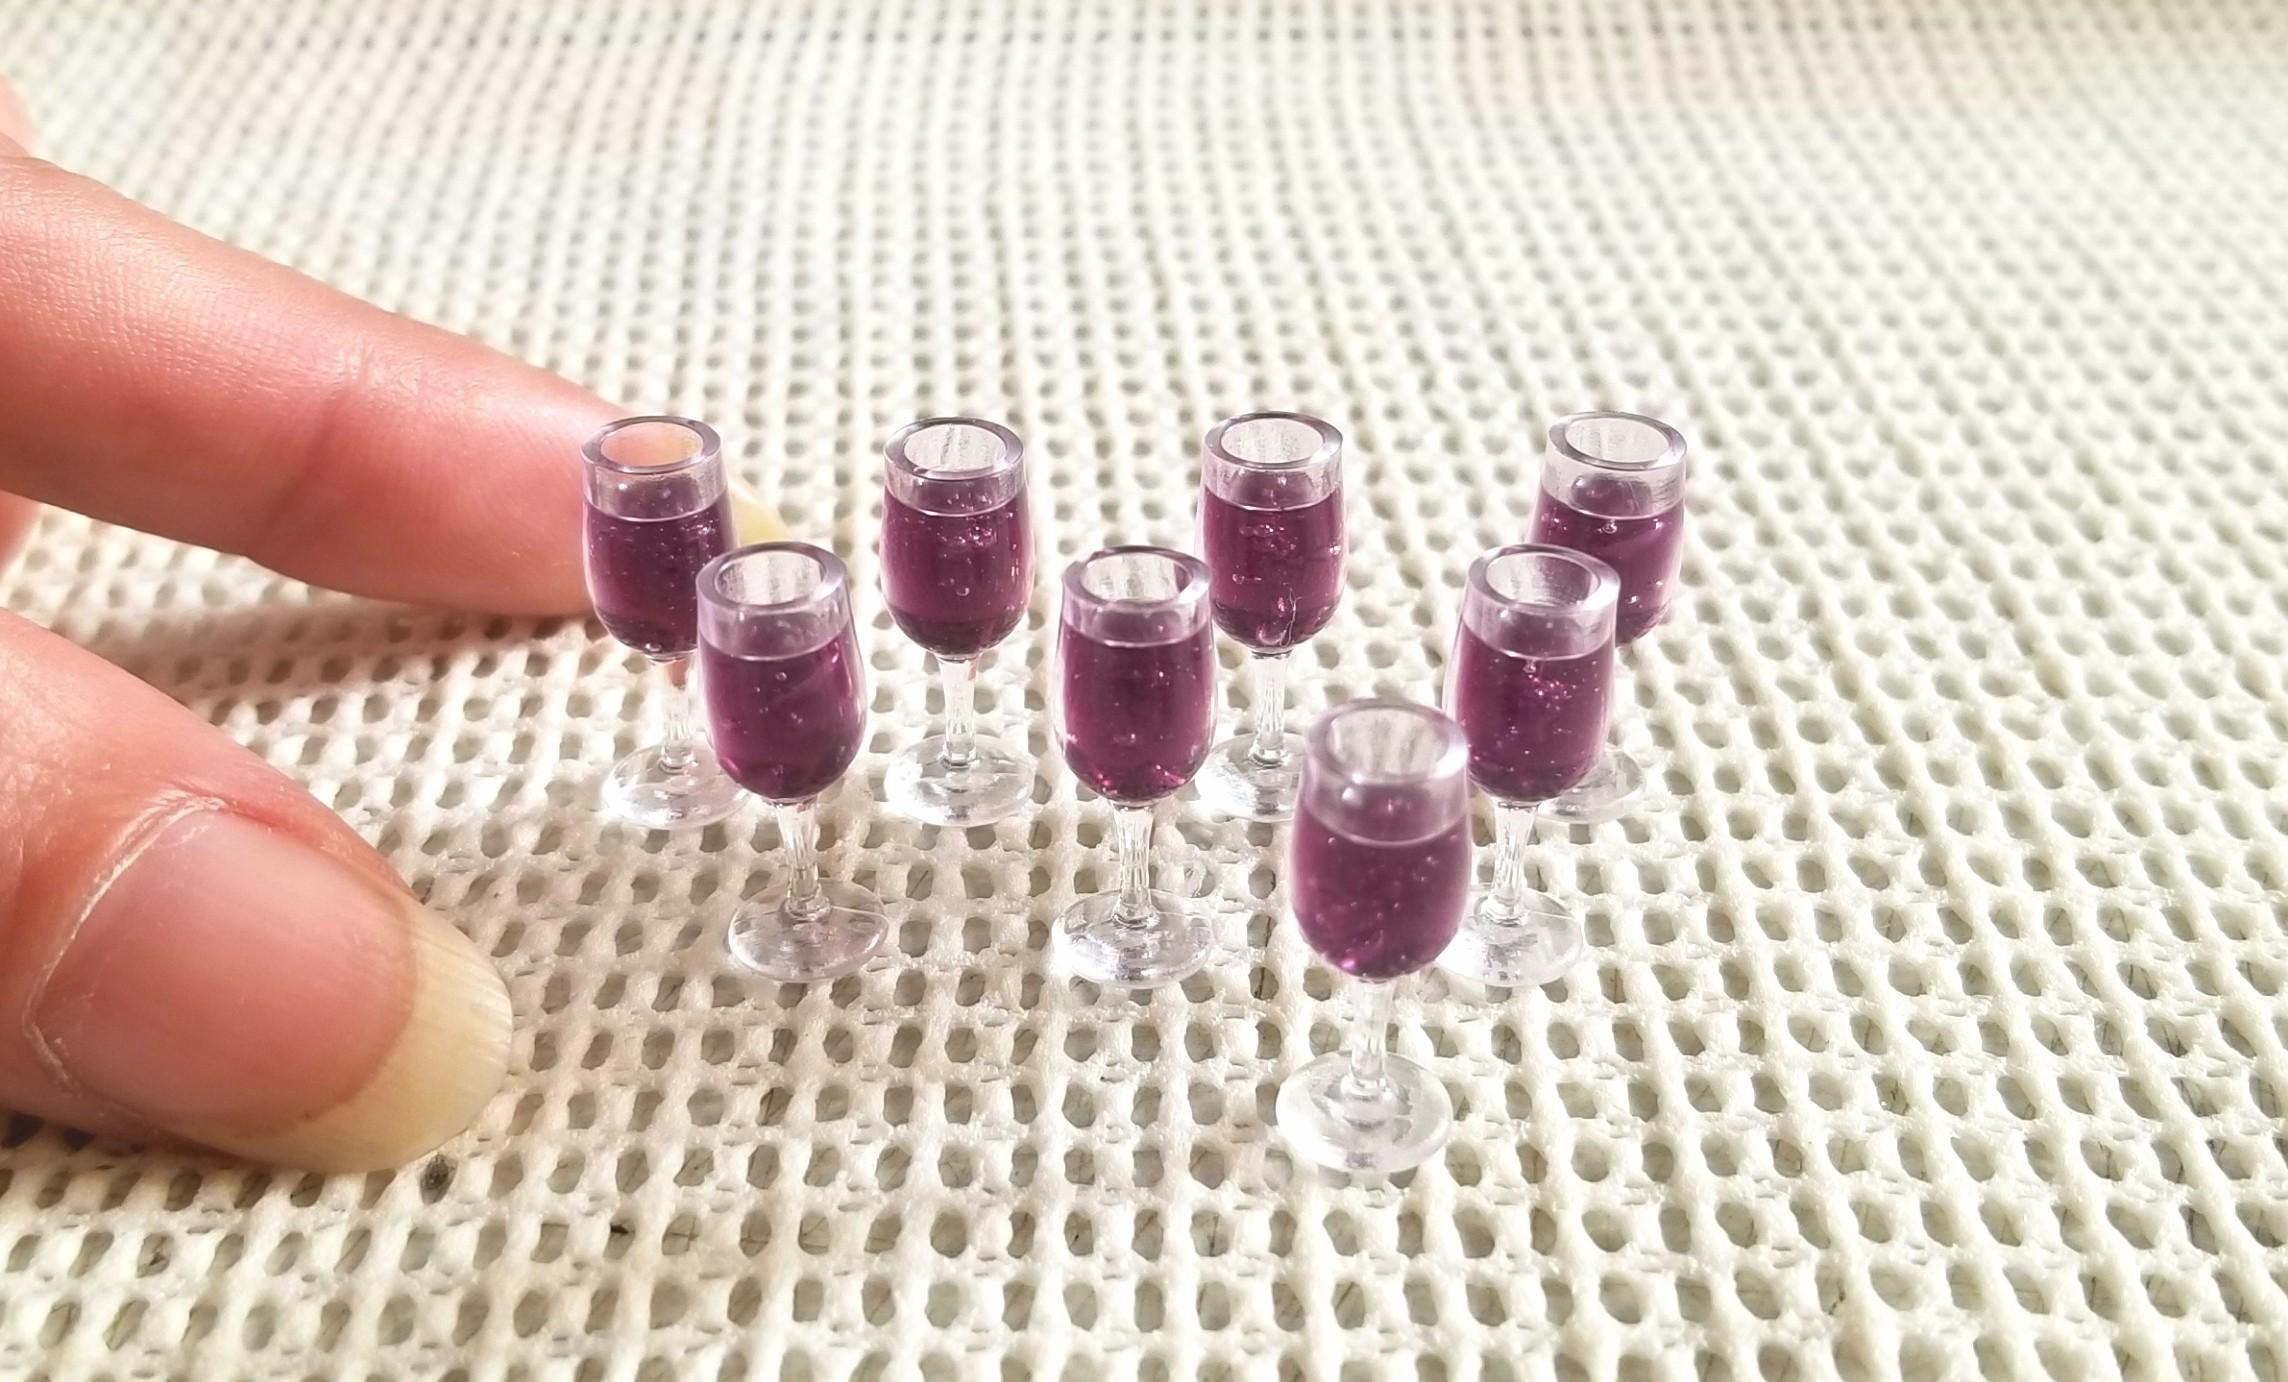 ジュース,赤ワイン,レジン,ミニチュア,ドールハウス,キューポッシュ